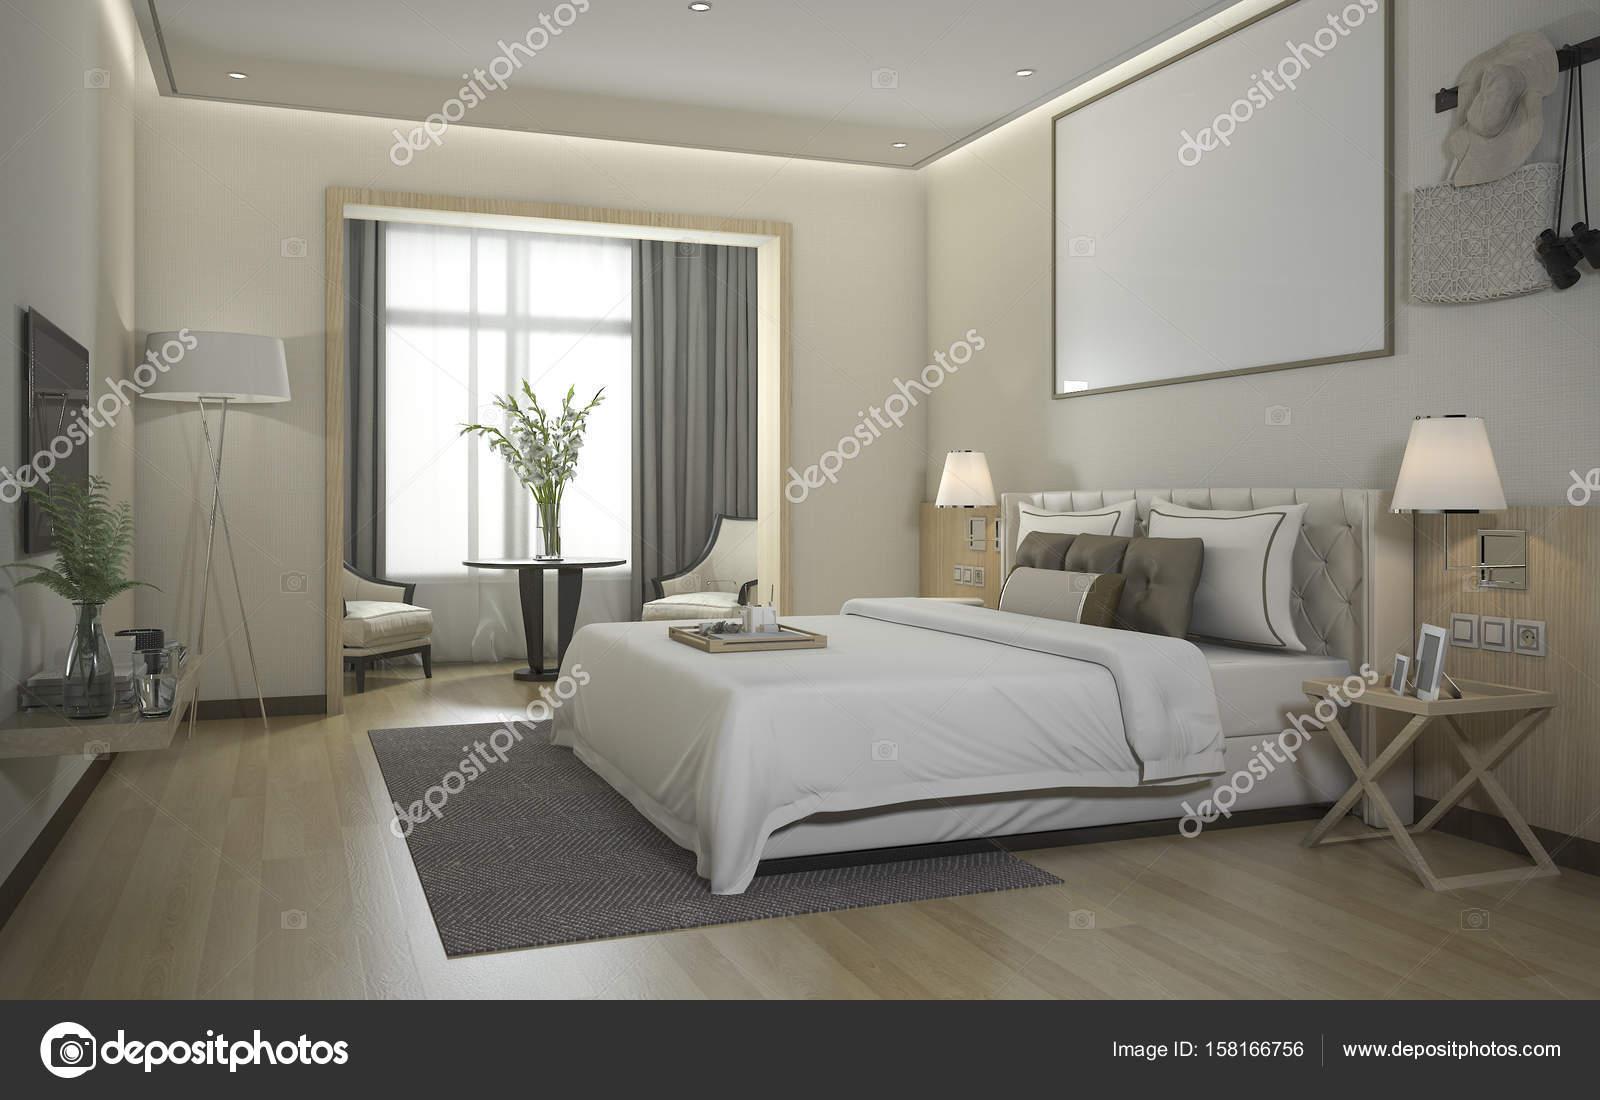 Suite De Chambre A Coucher Moderne Luxe Rendu 3d Dans L Hotel